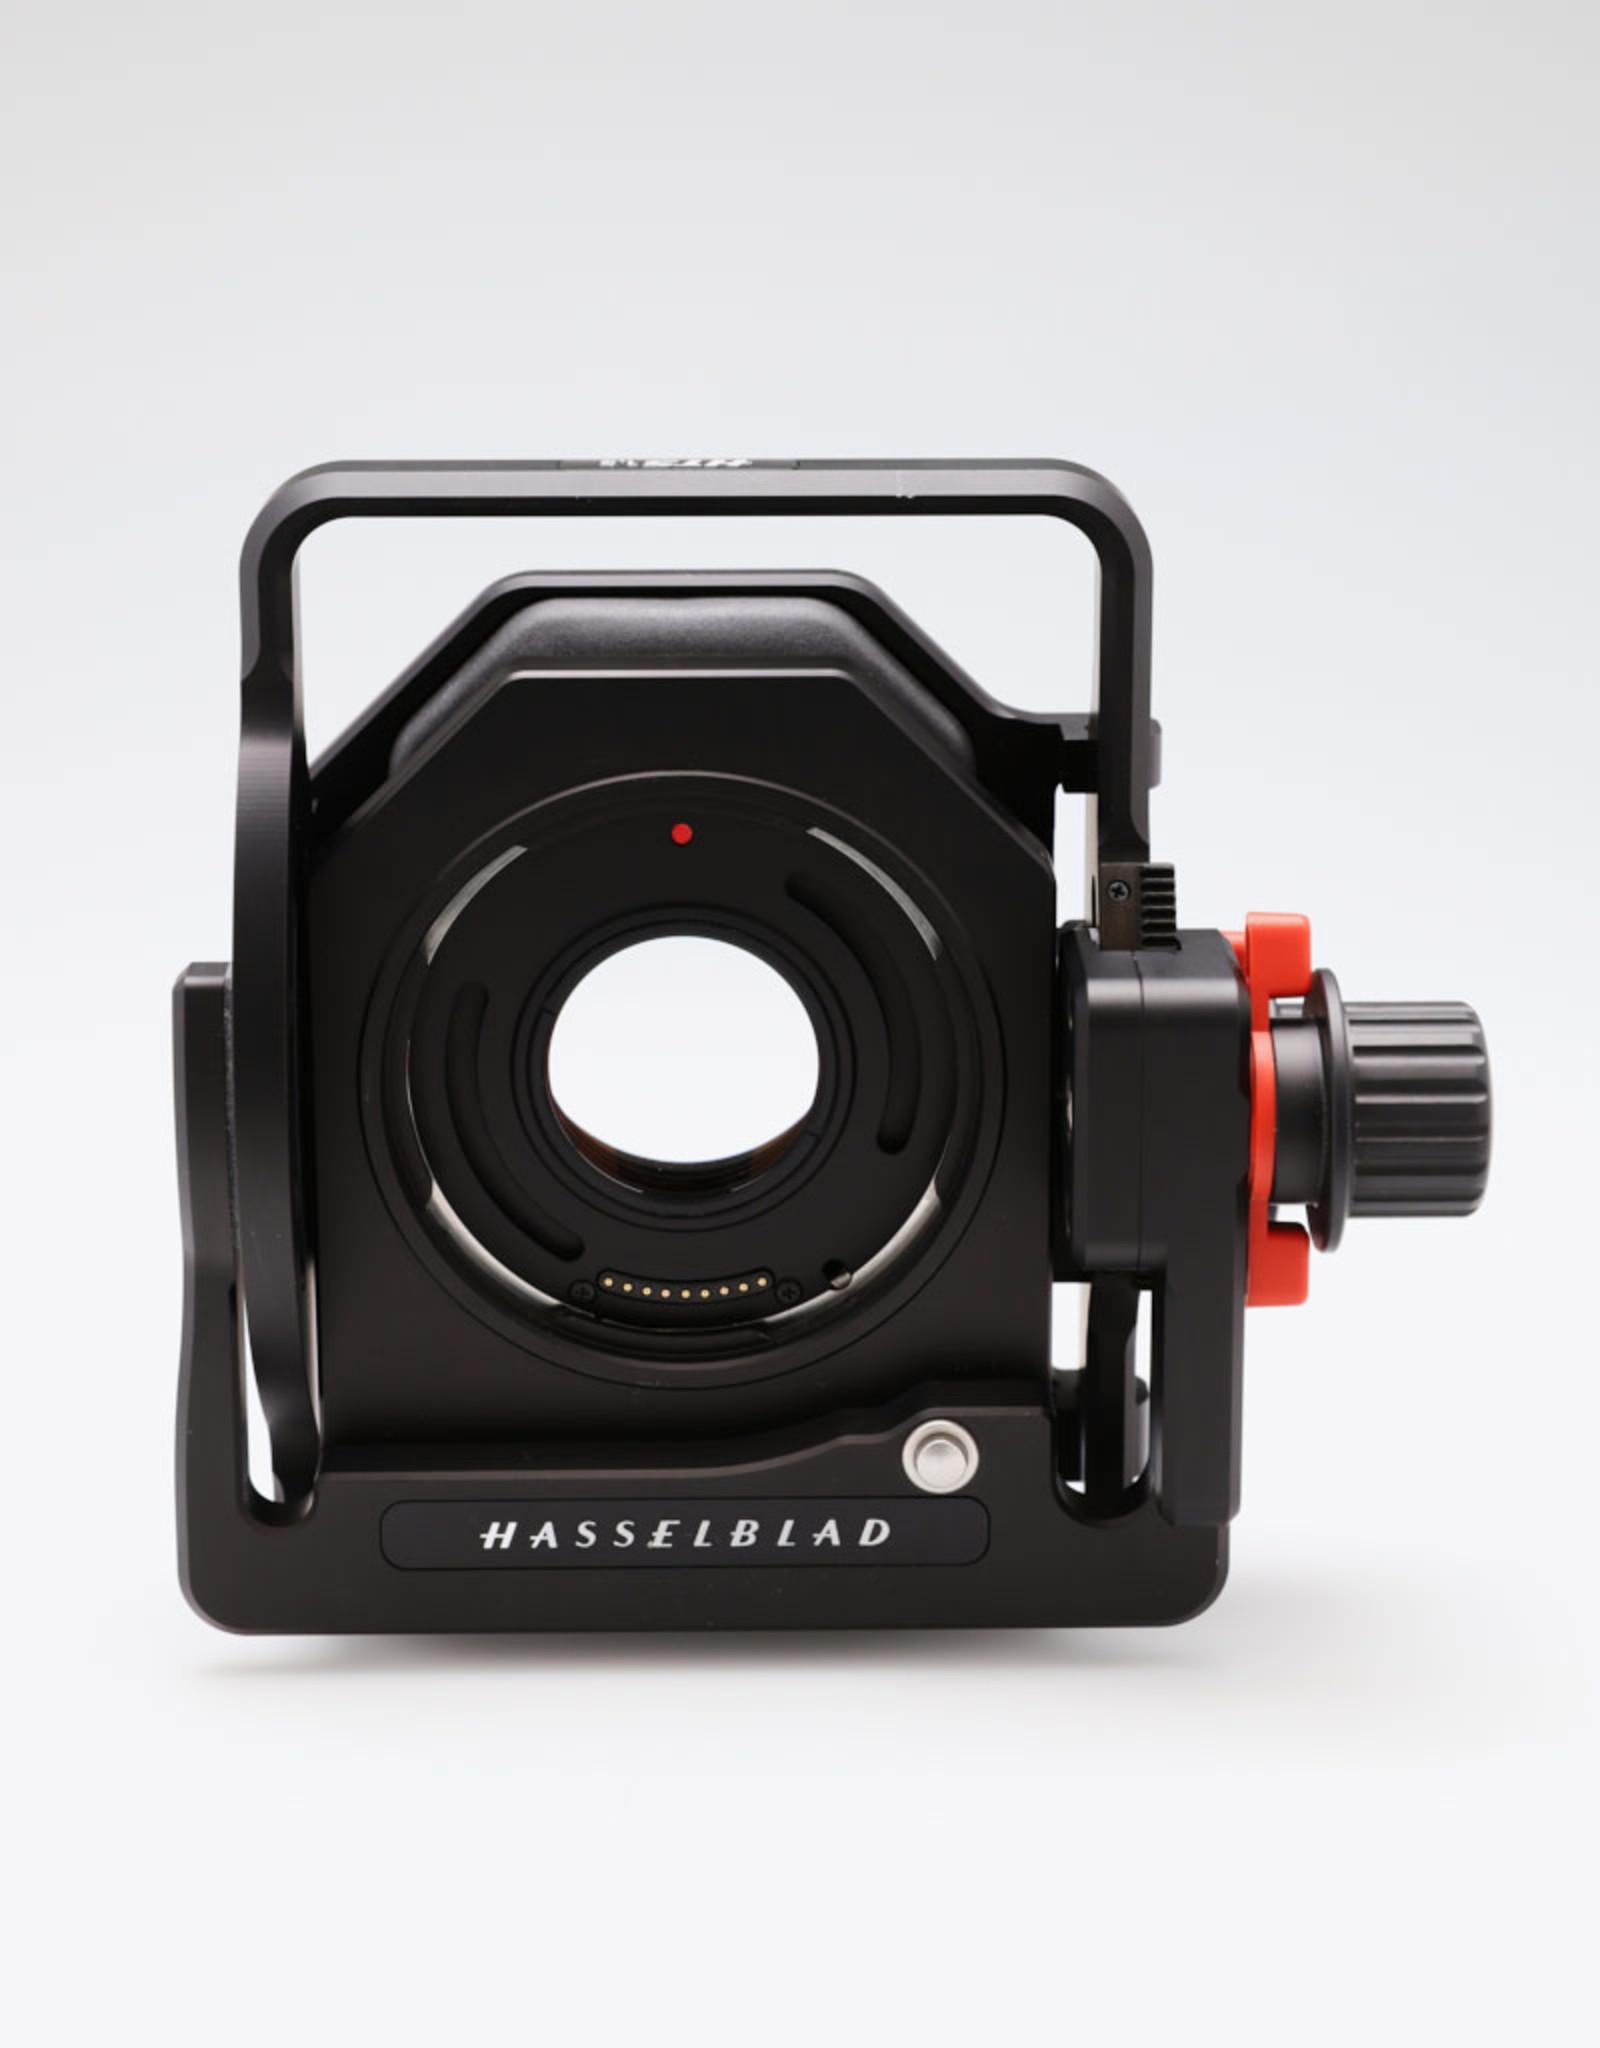 Hasselblad USED  Hasselblad HTS 1.5 Tilt Shift Adaper